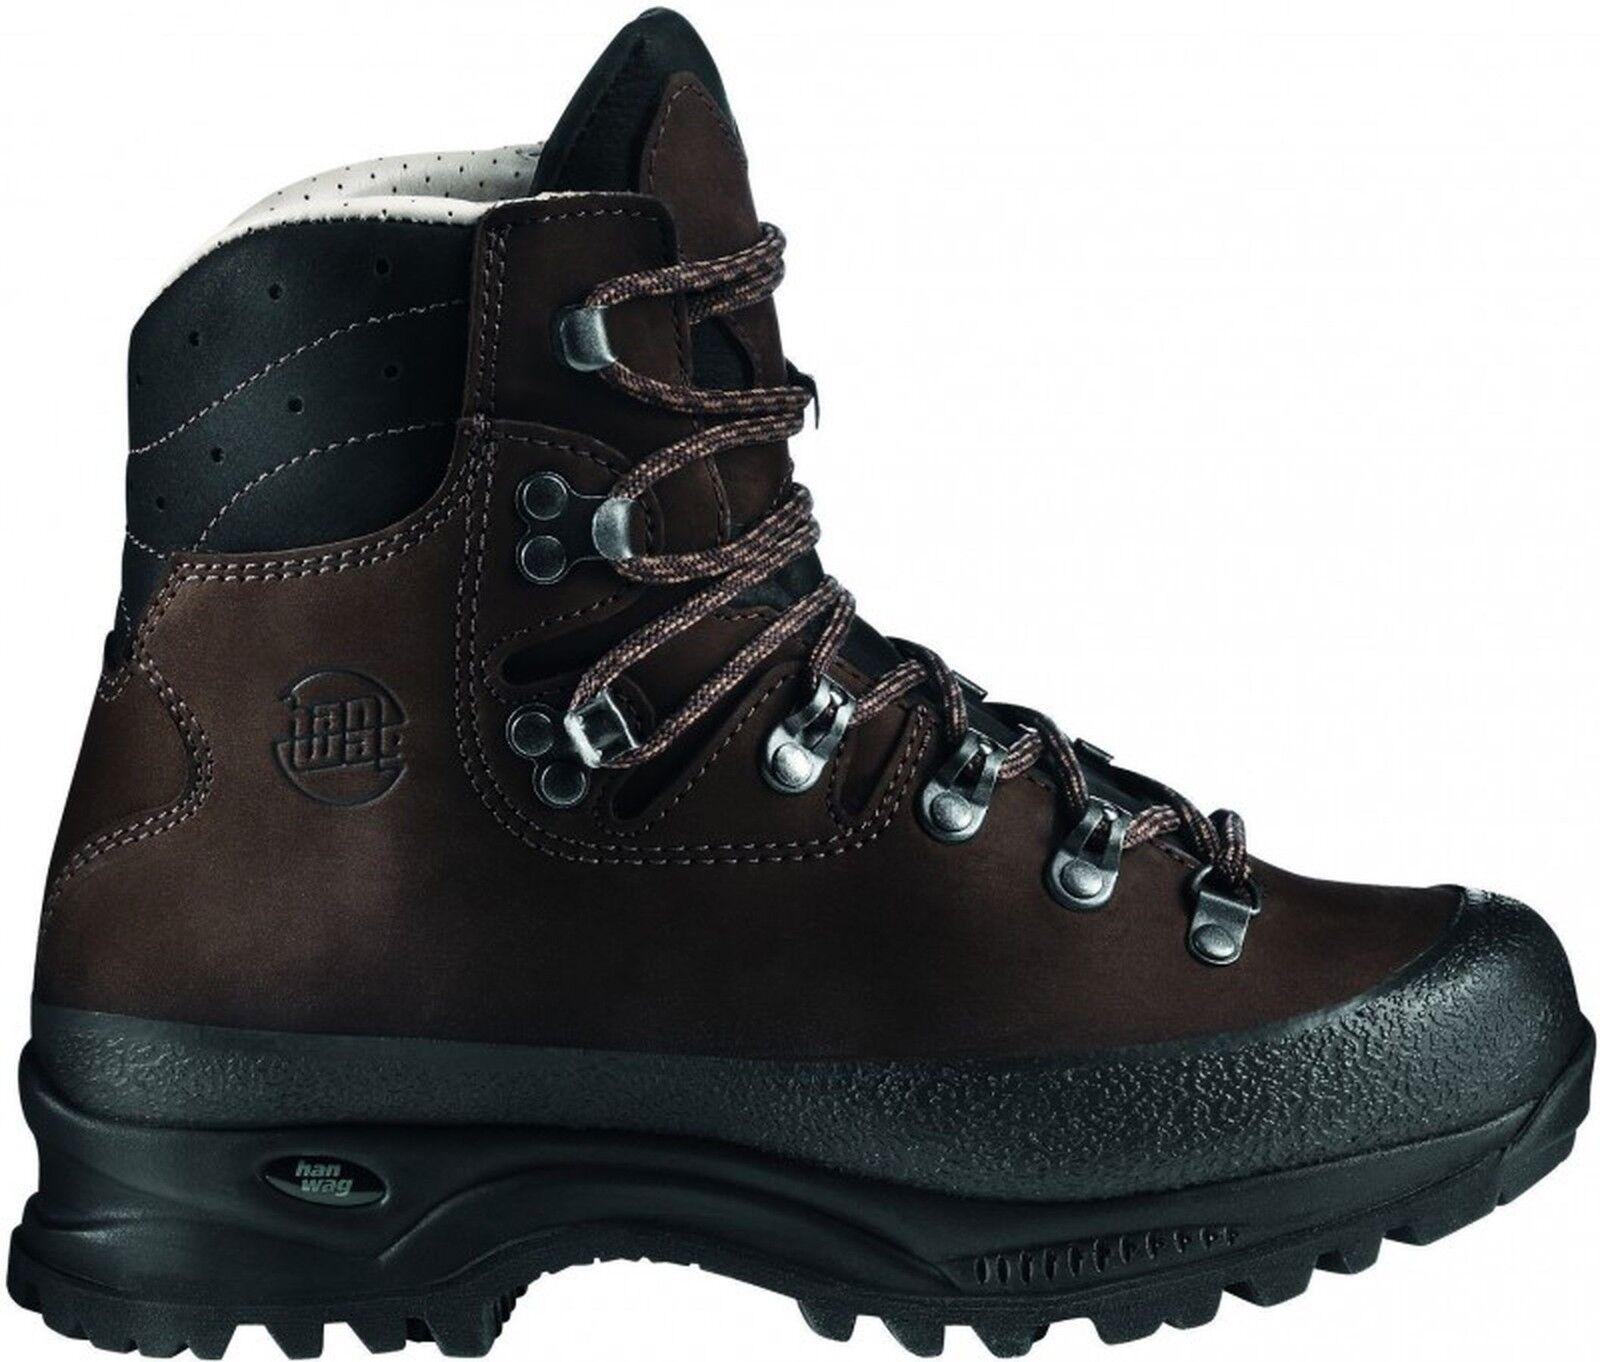 Hanwag zapatos de montaña  Yukon Lady cuero tamaño 6,5 - tierra 40